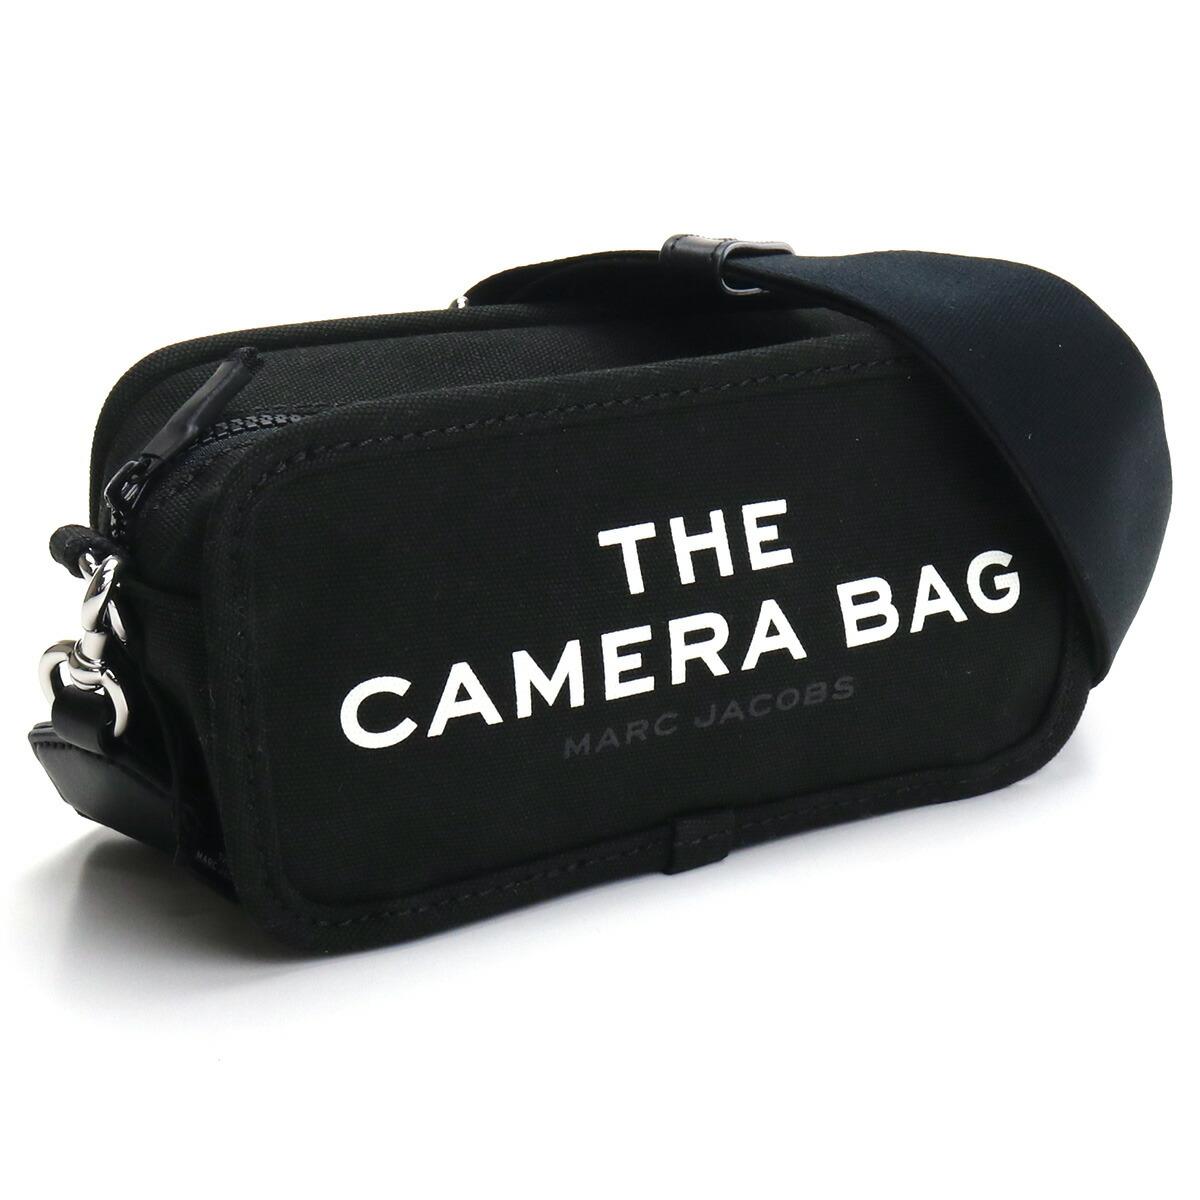 マーク・ジェイコブス MARC JACOBS 斜め掛け ショルダーバッグ カメラバッグ M0017040 001 BLACK ブラック メンズレディース